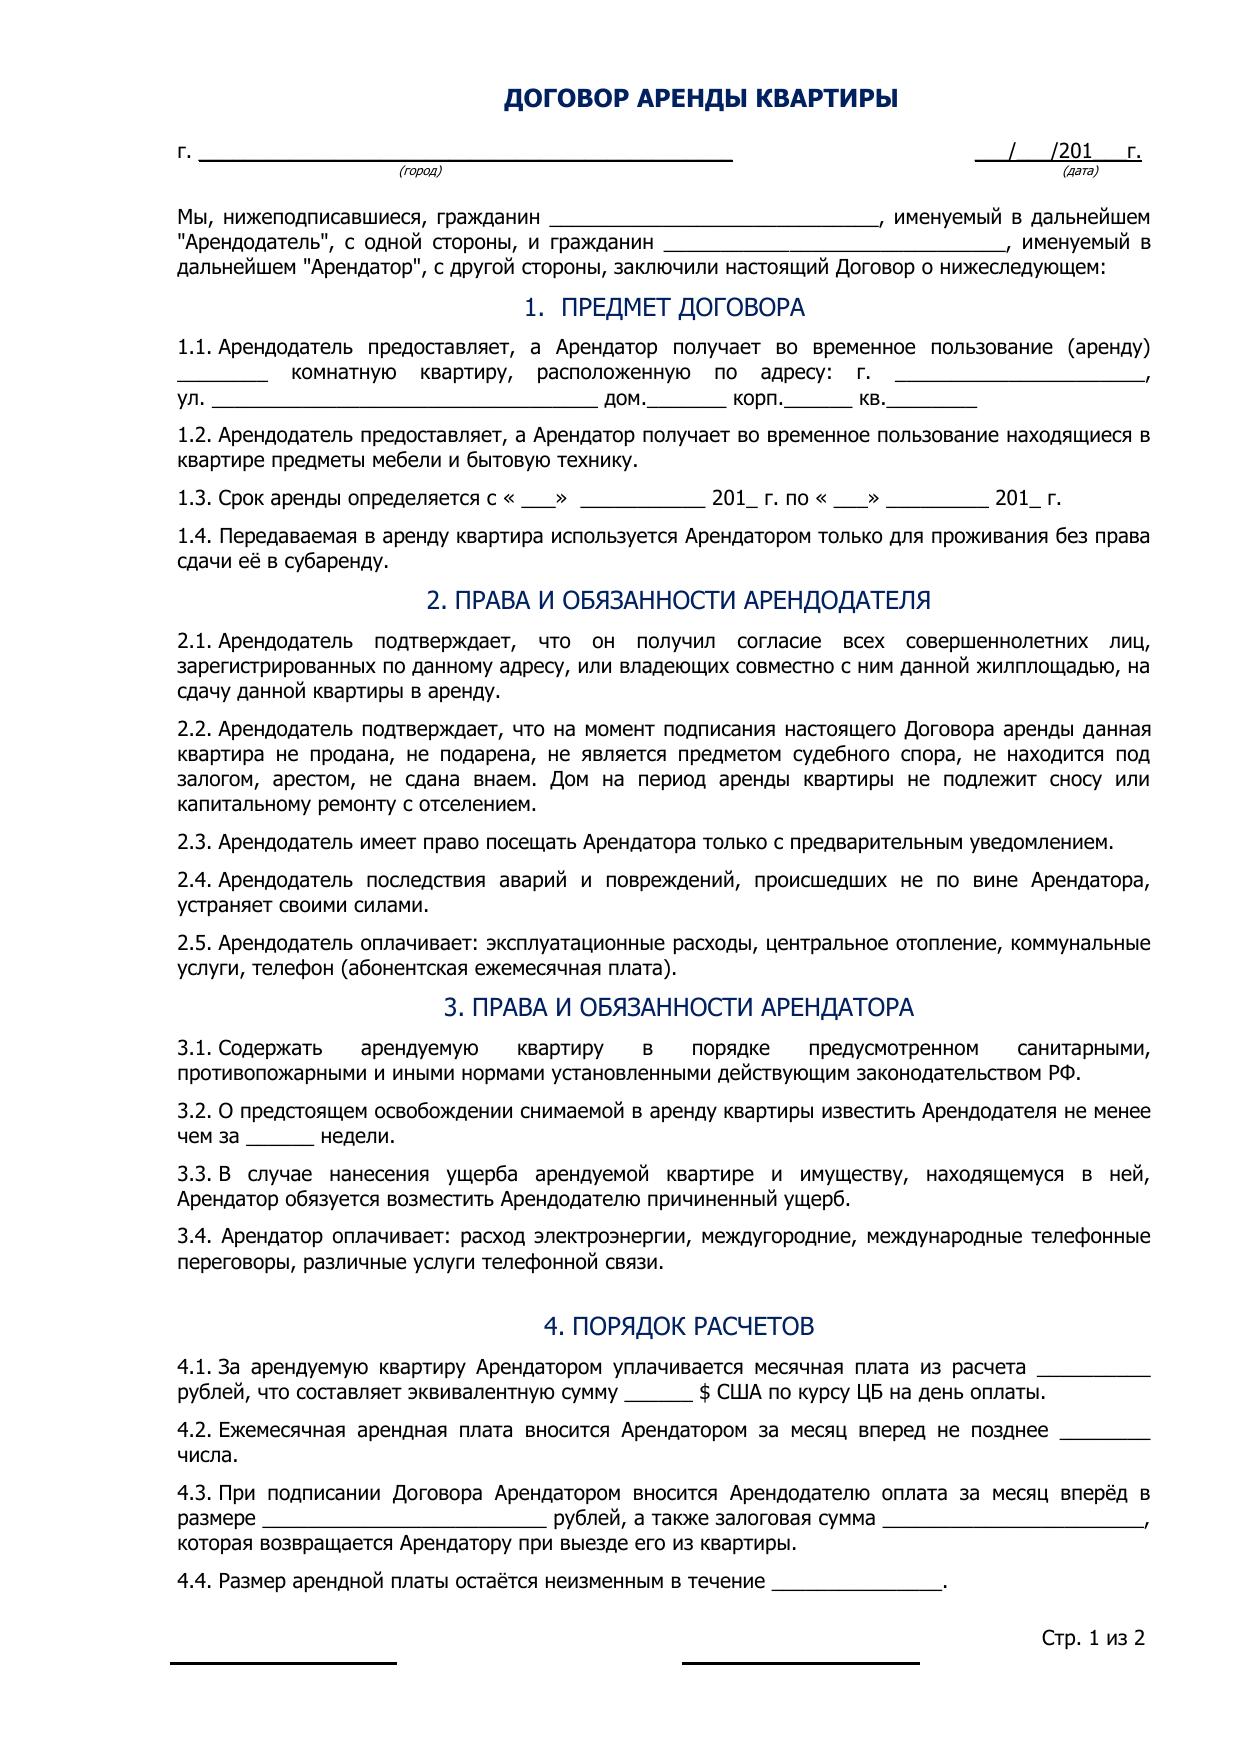 Договор на юруслуги в области экологии между юридическими лицами